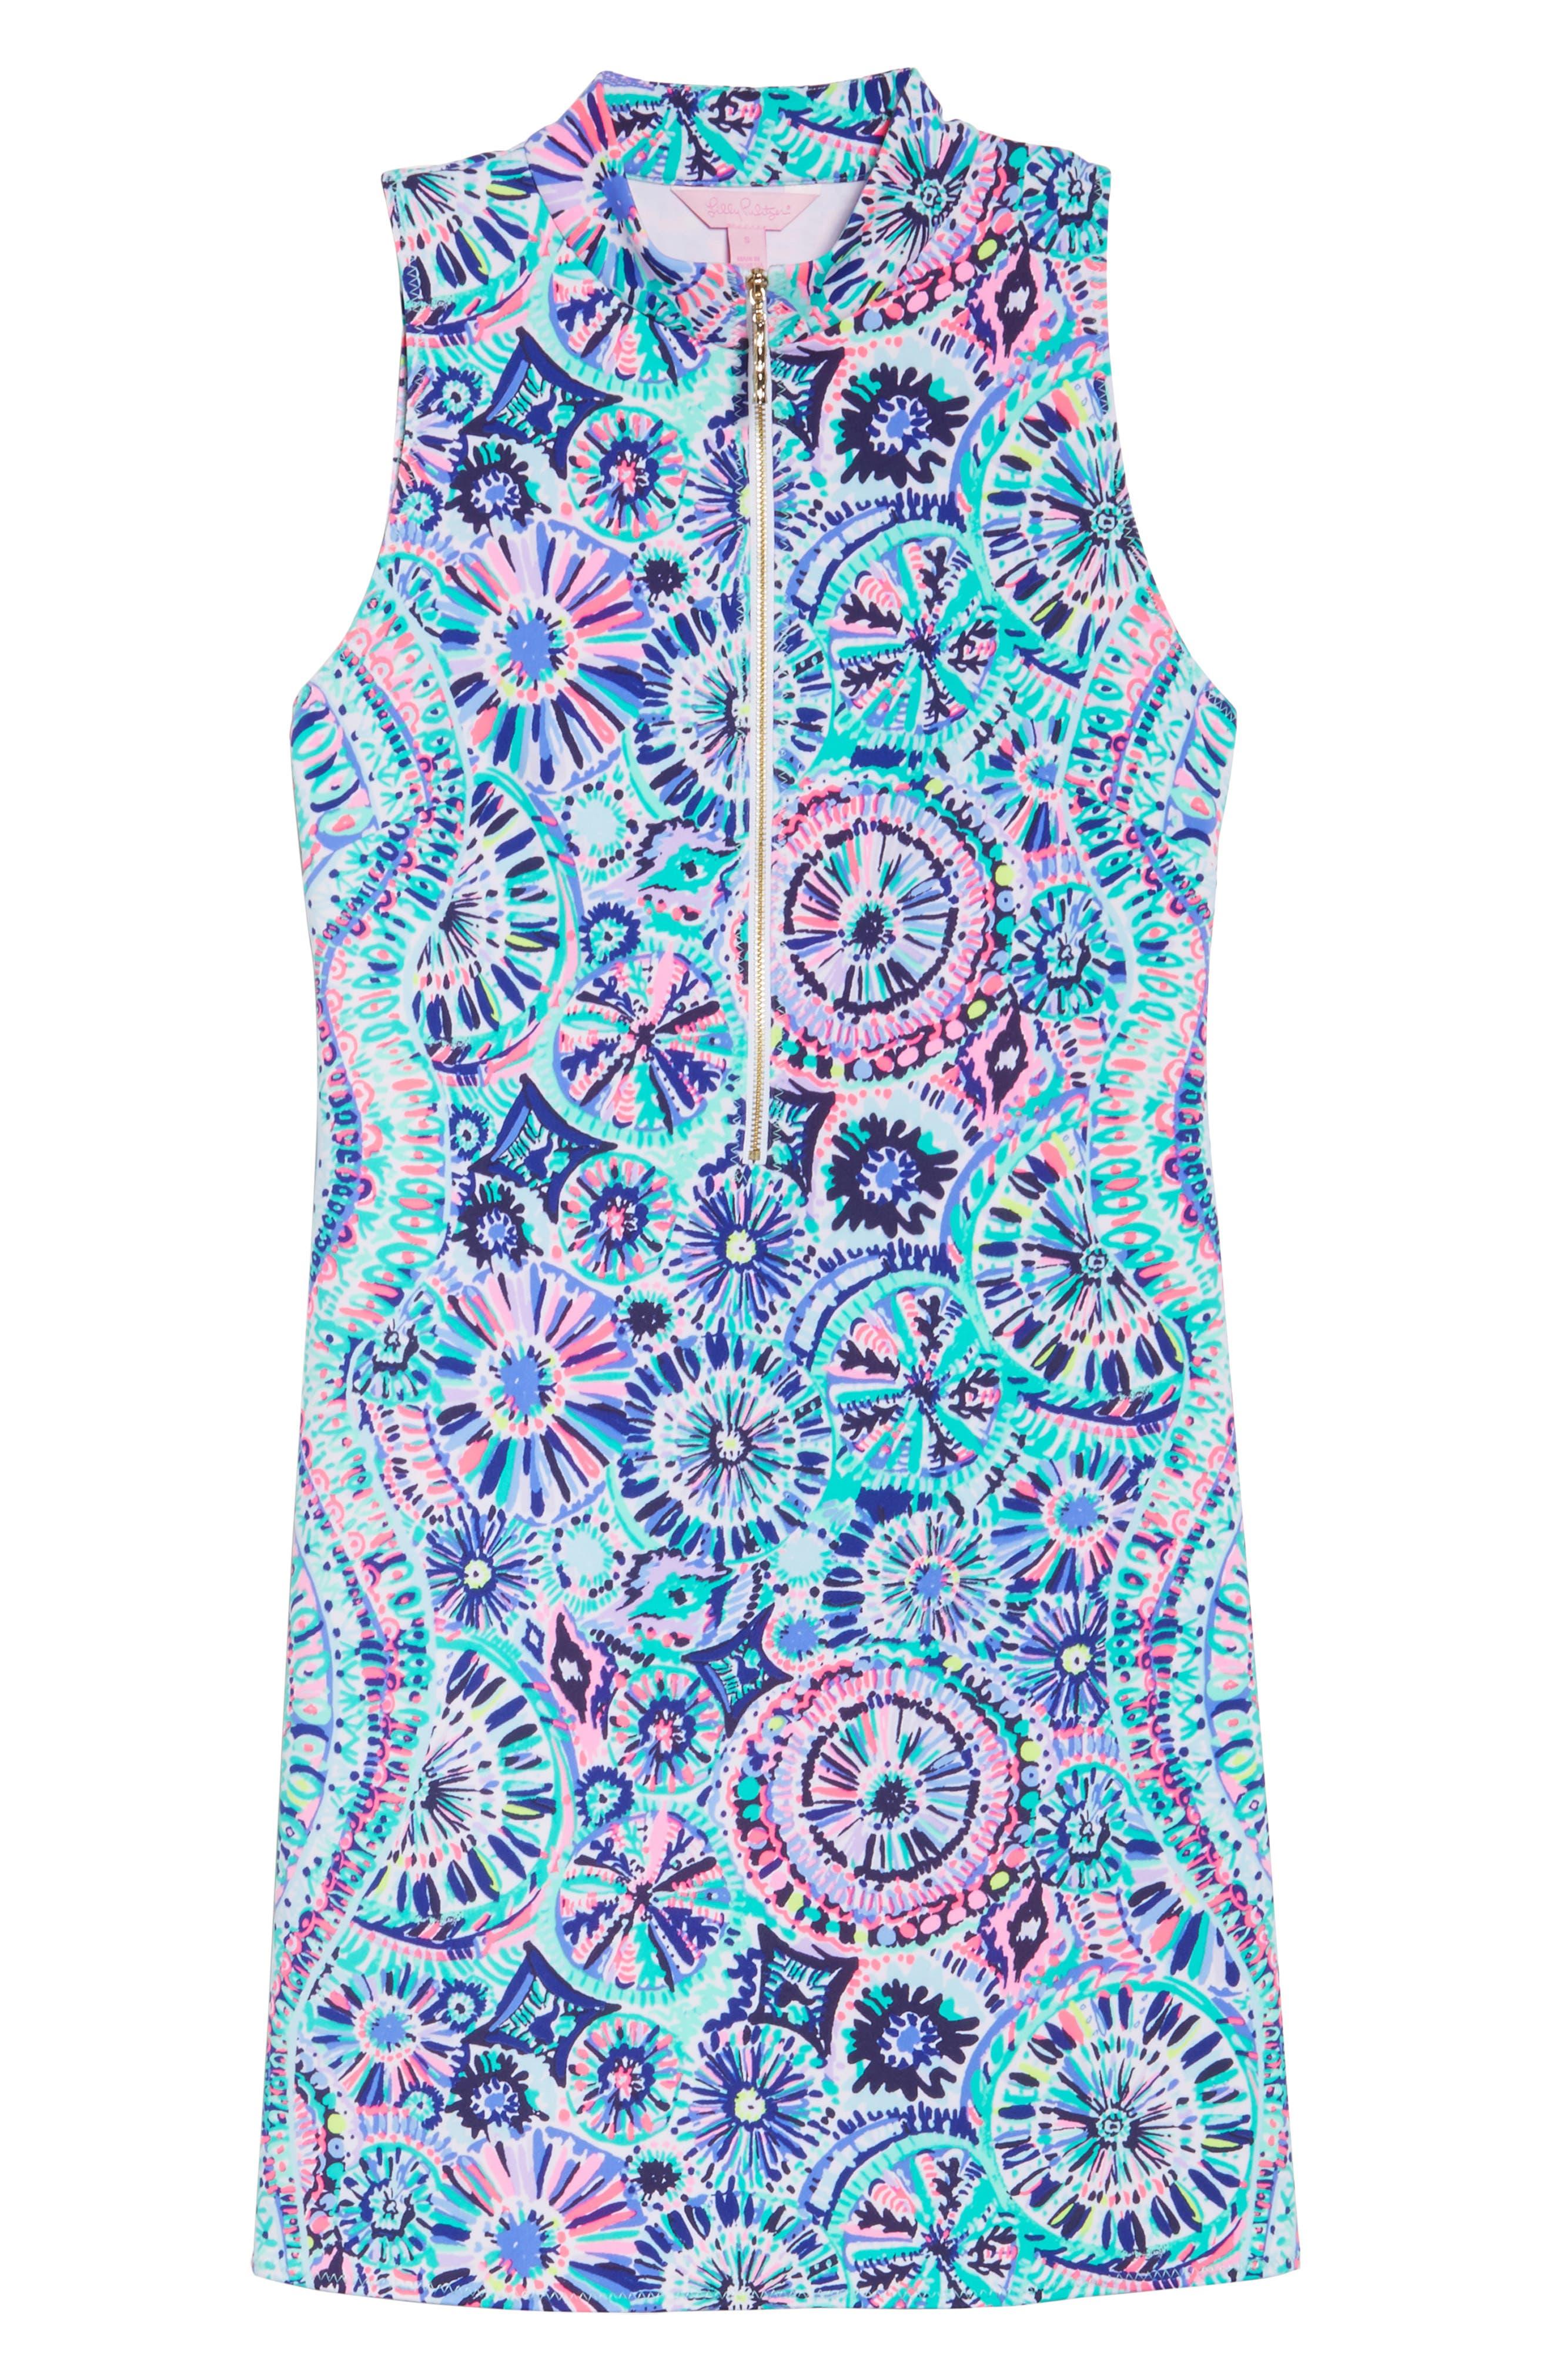 Opal Sheath Dress,                             Alternate thumbnail 6, color,                             Multi The Swim